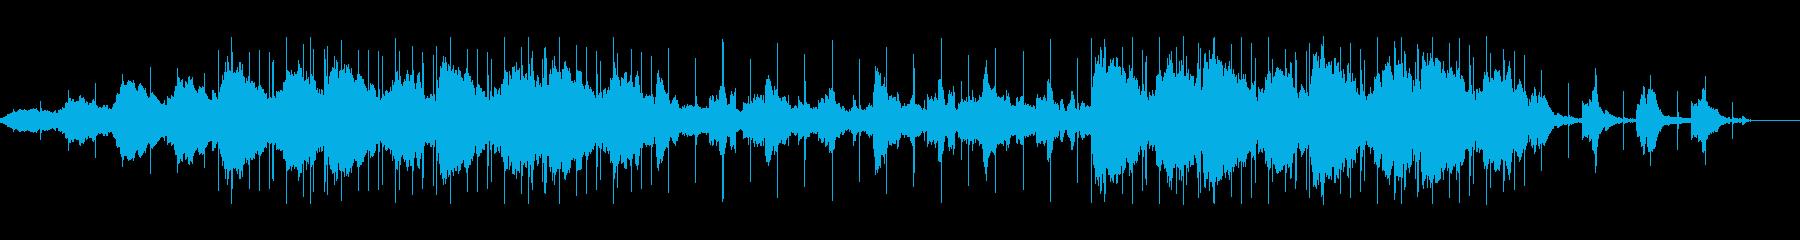 リラックスできるlofiミュージックの再生済みの波形